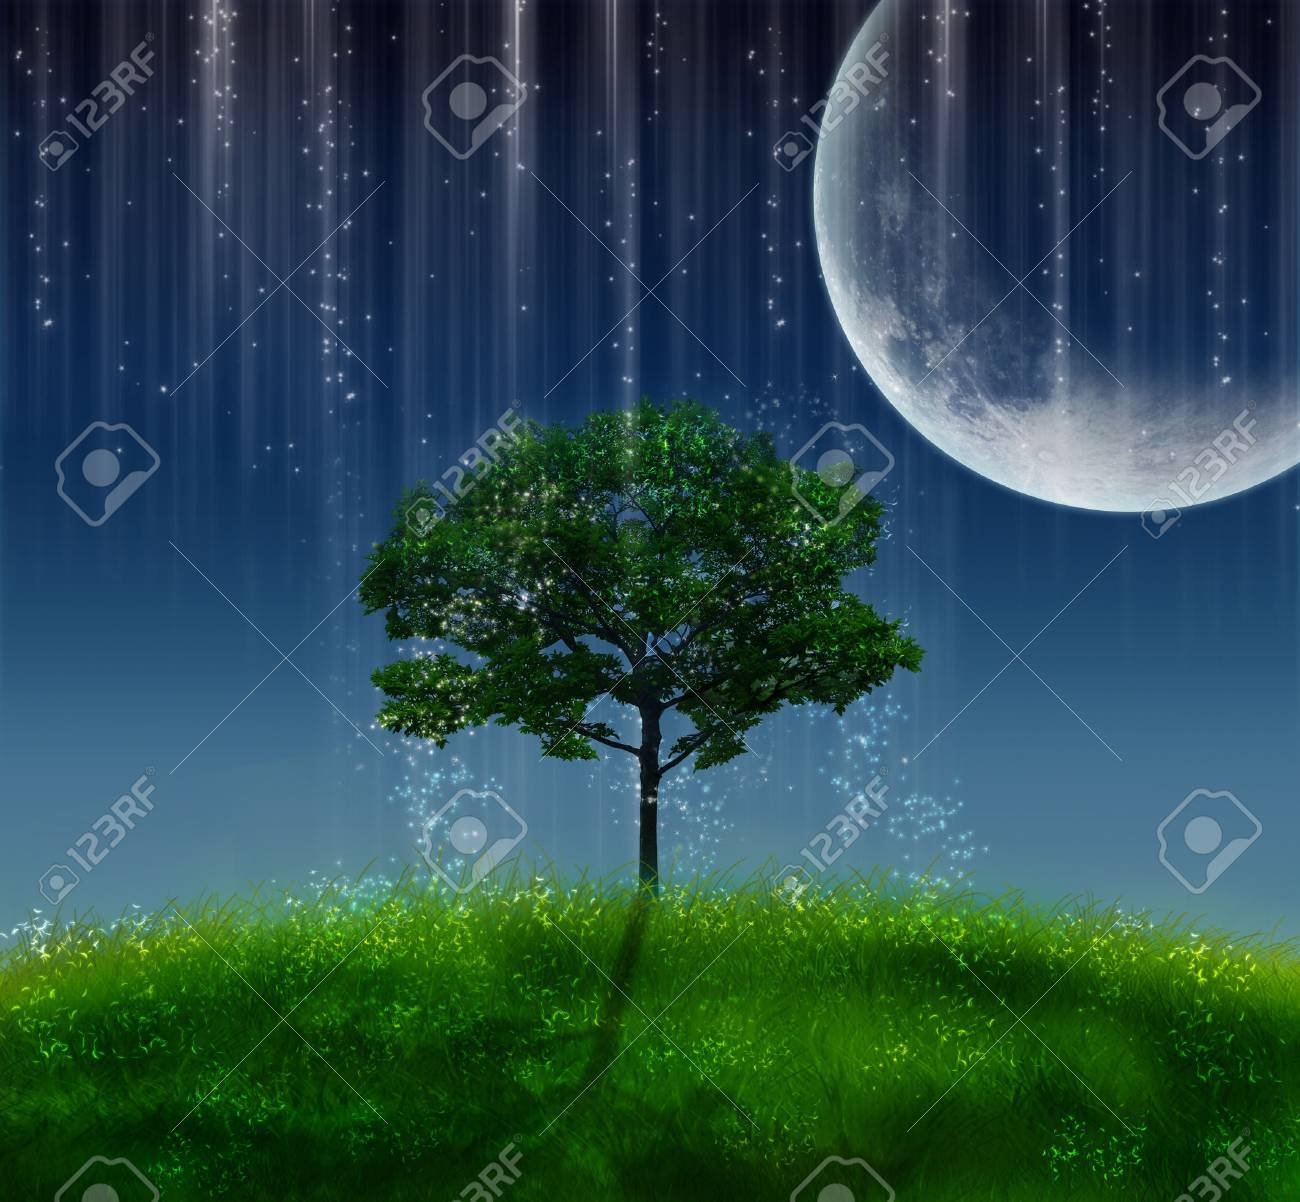 magic tree illuminated by a big moon at night - 30840762